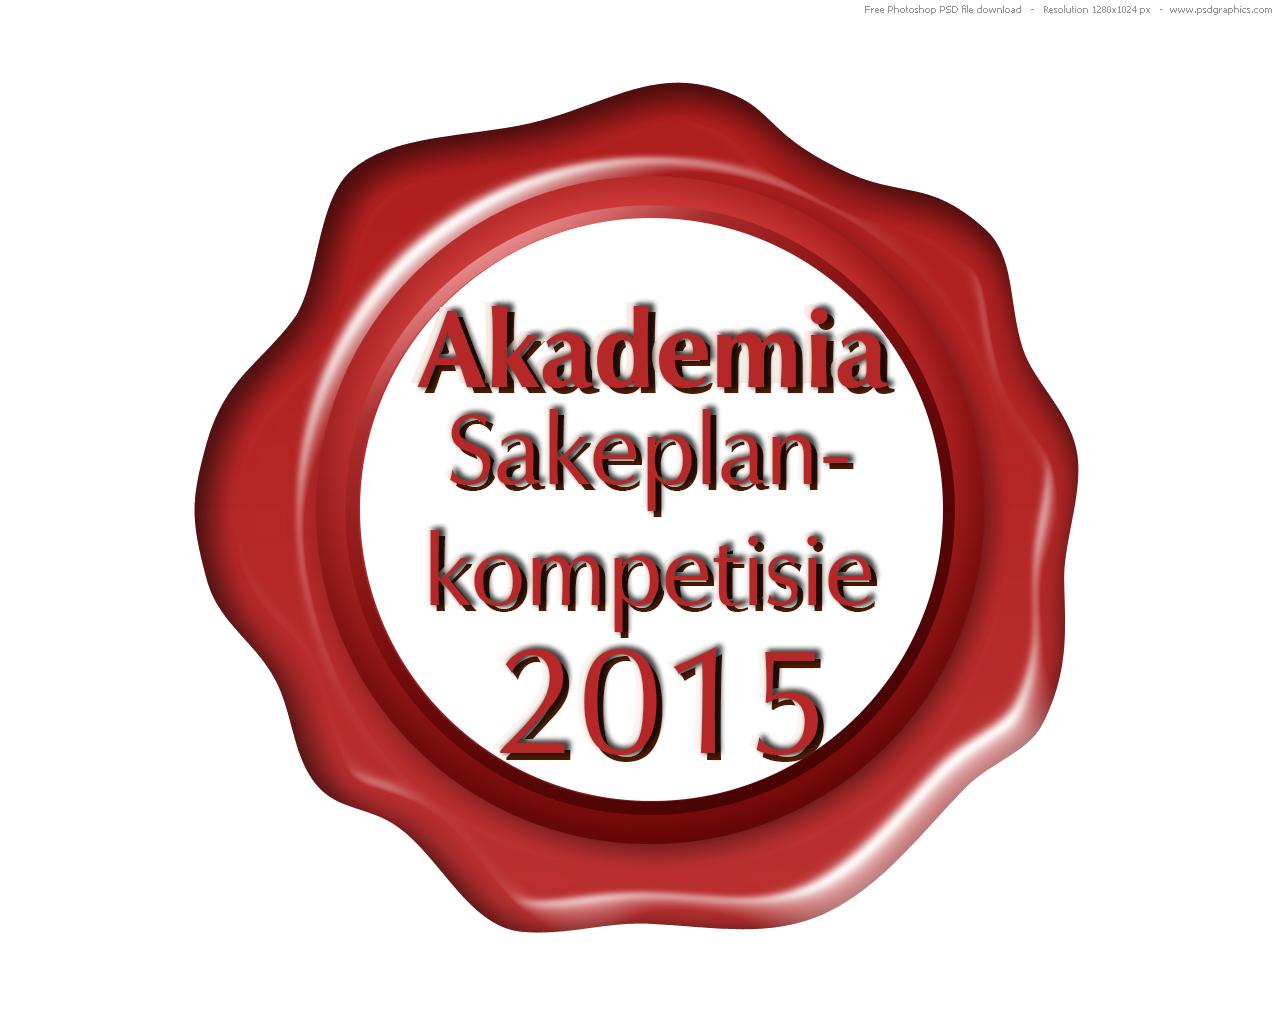 Peri-Peri-Creative-Akademia-Sakeplankompetisie-2015-logo concept3